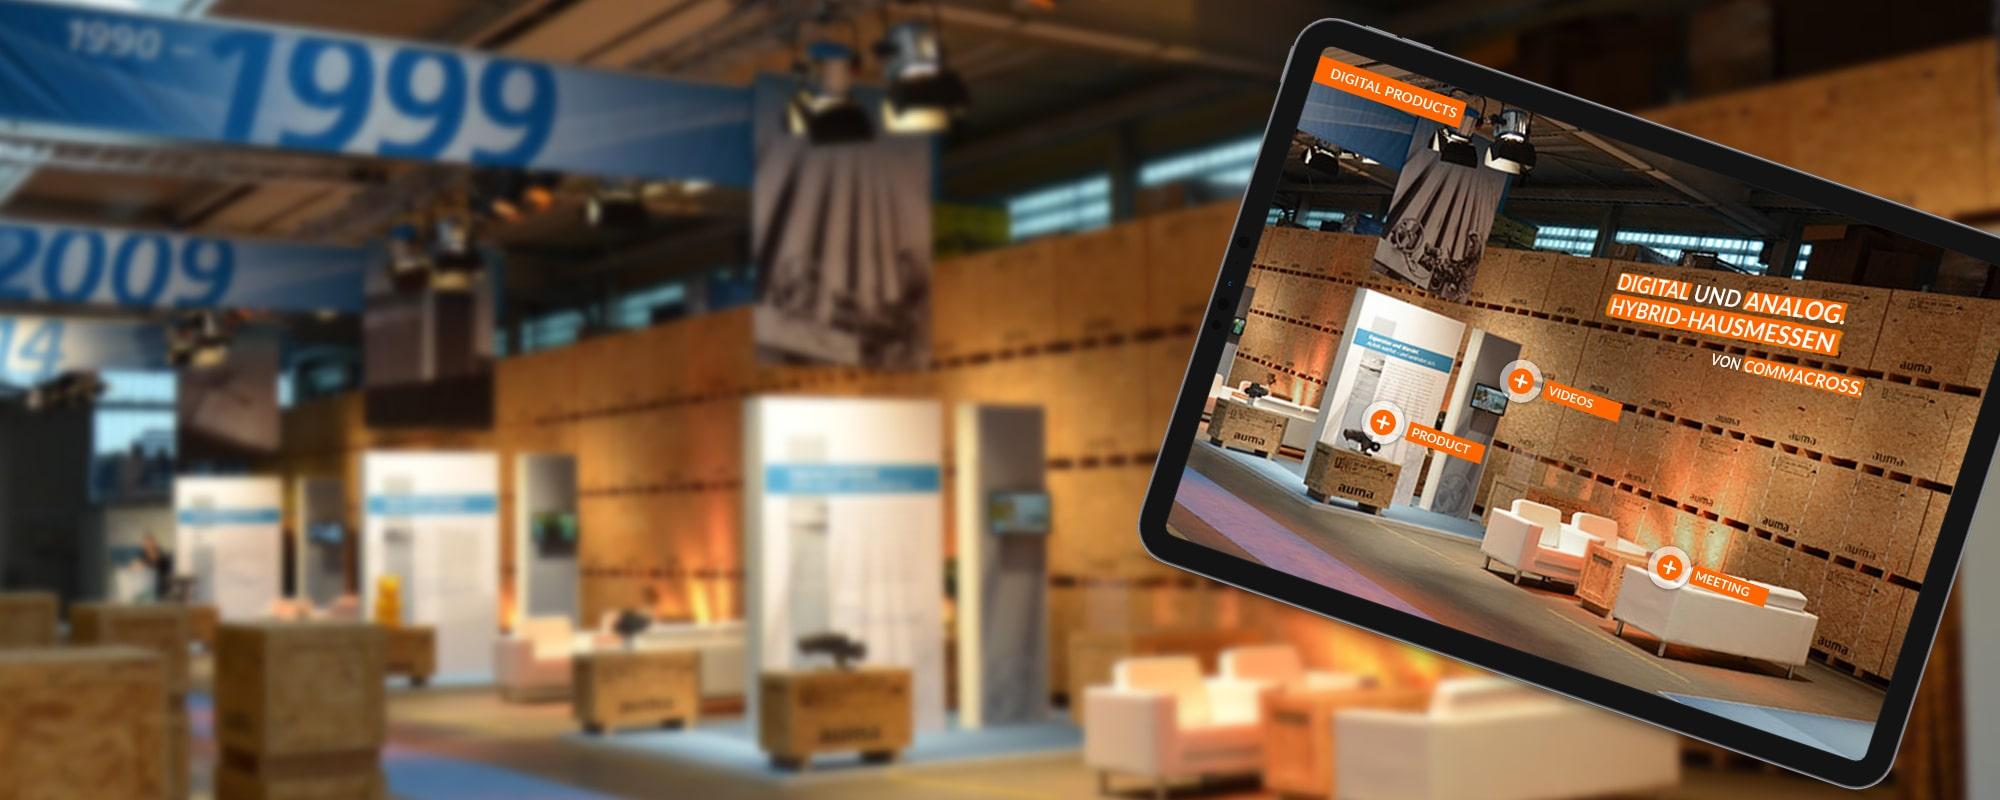 Analoge und digitale Hausmesse von commacross